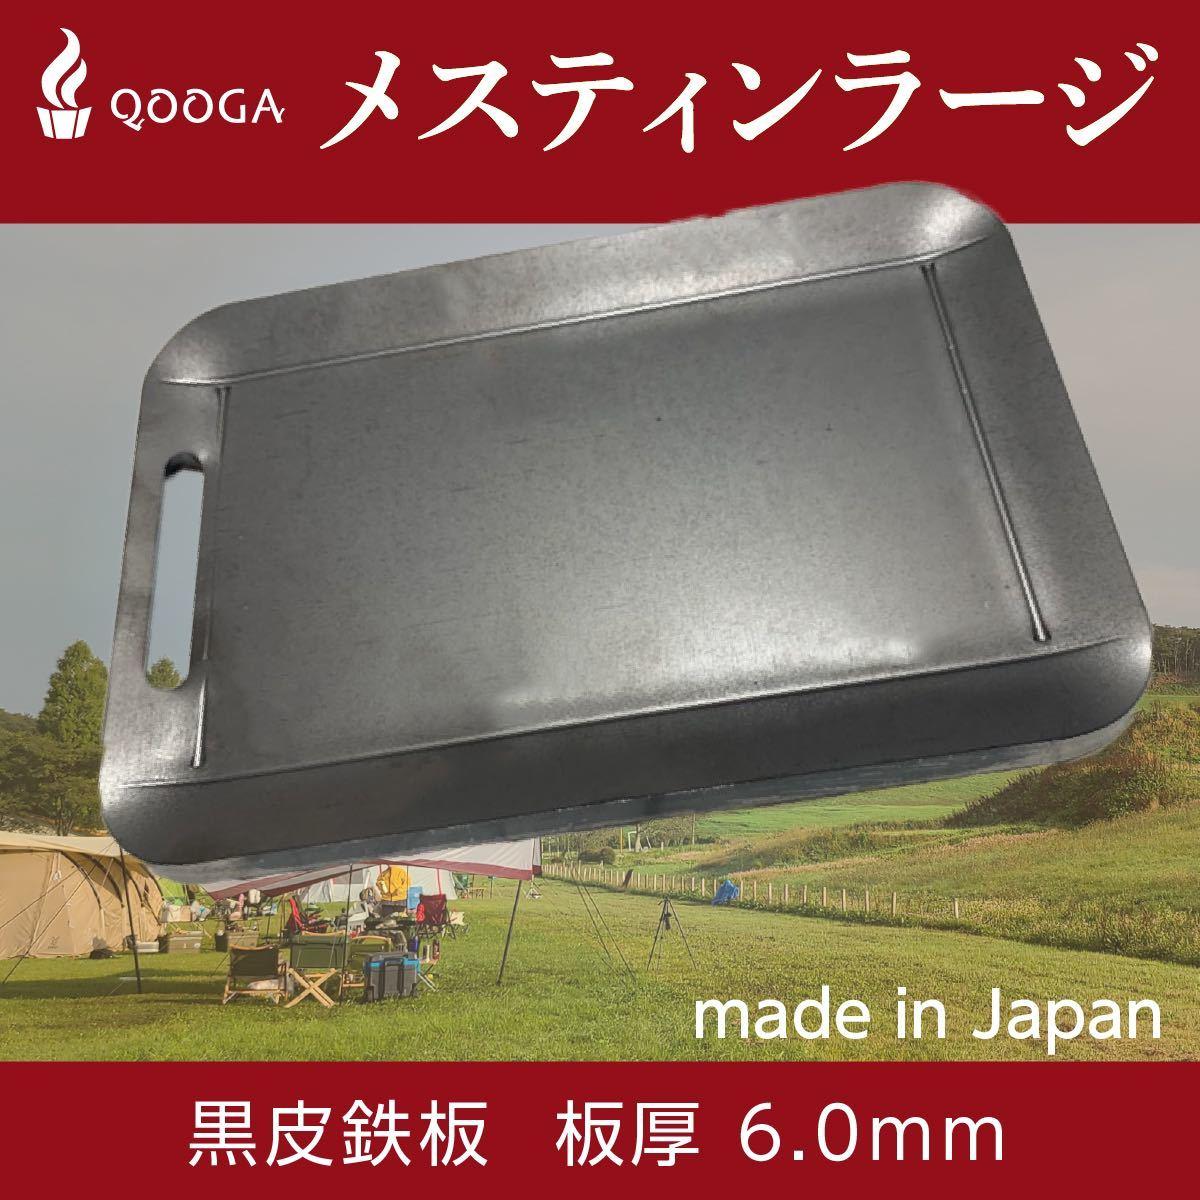 ヘラ付き 鉄板 6mm 焼肉 メスティン ラージ キャンプ アウトレット BBQ バーベキュー ソロキャン